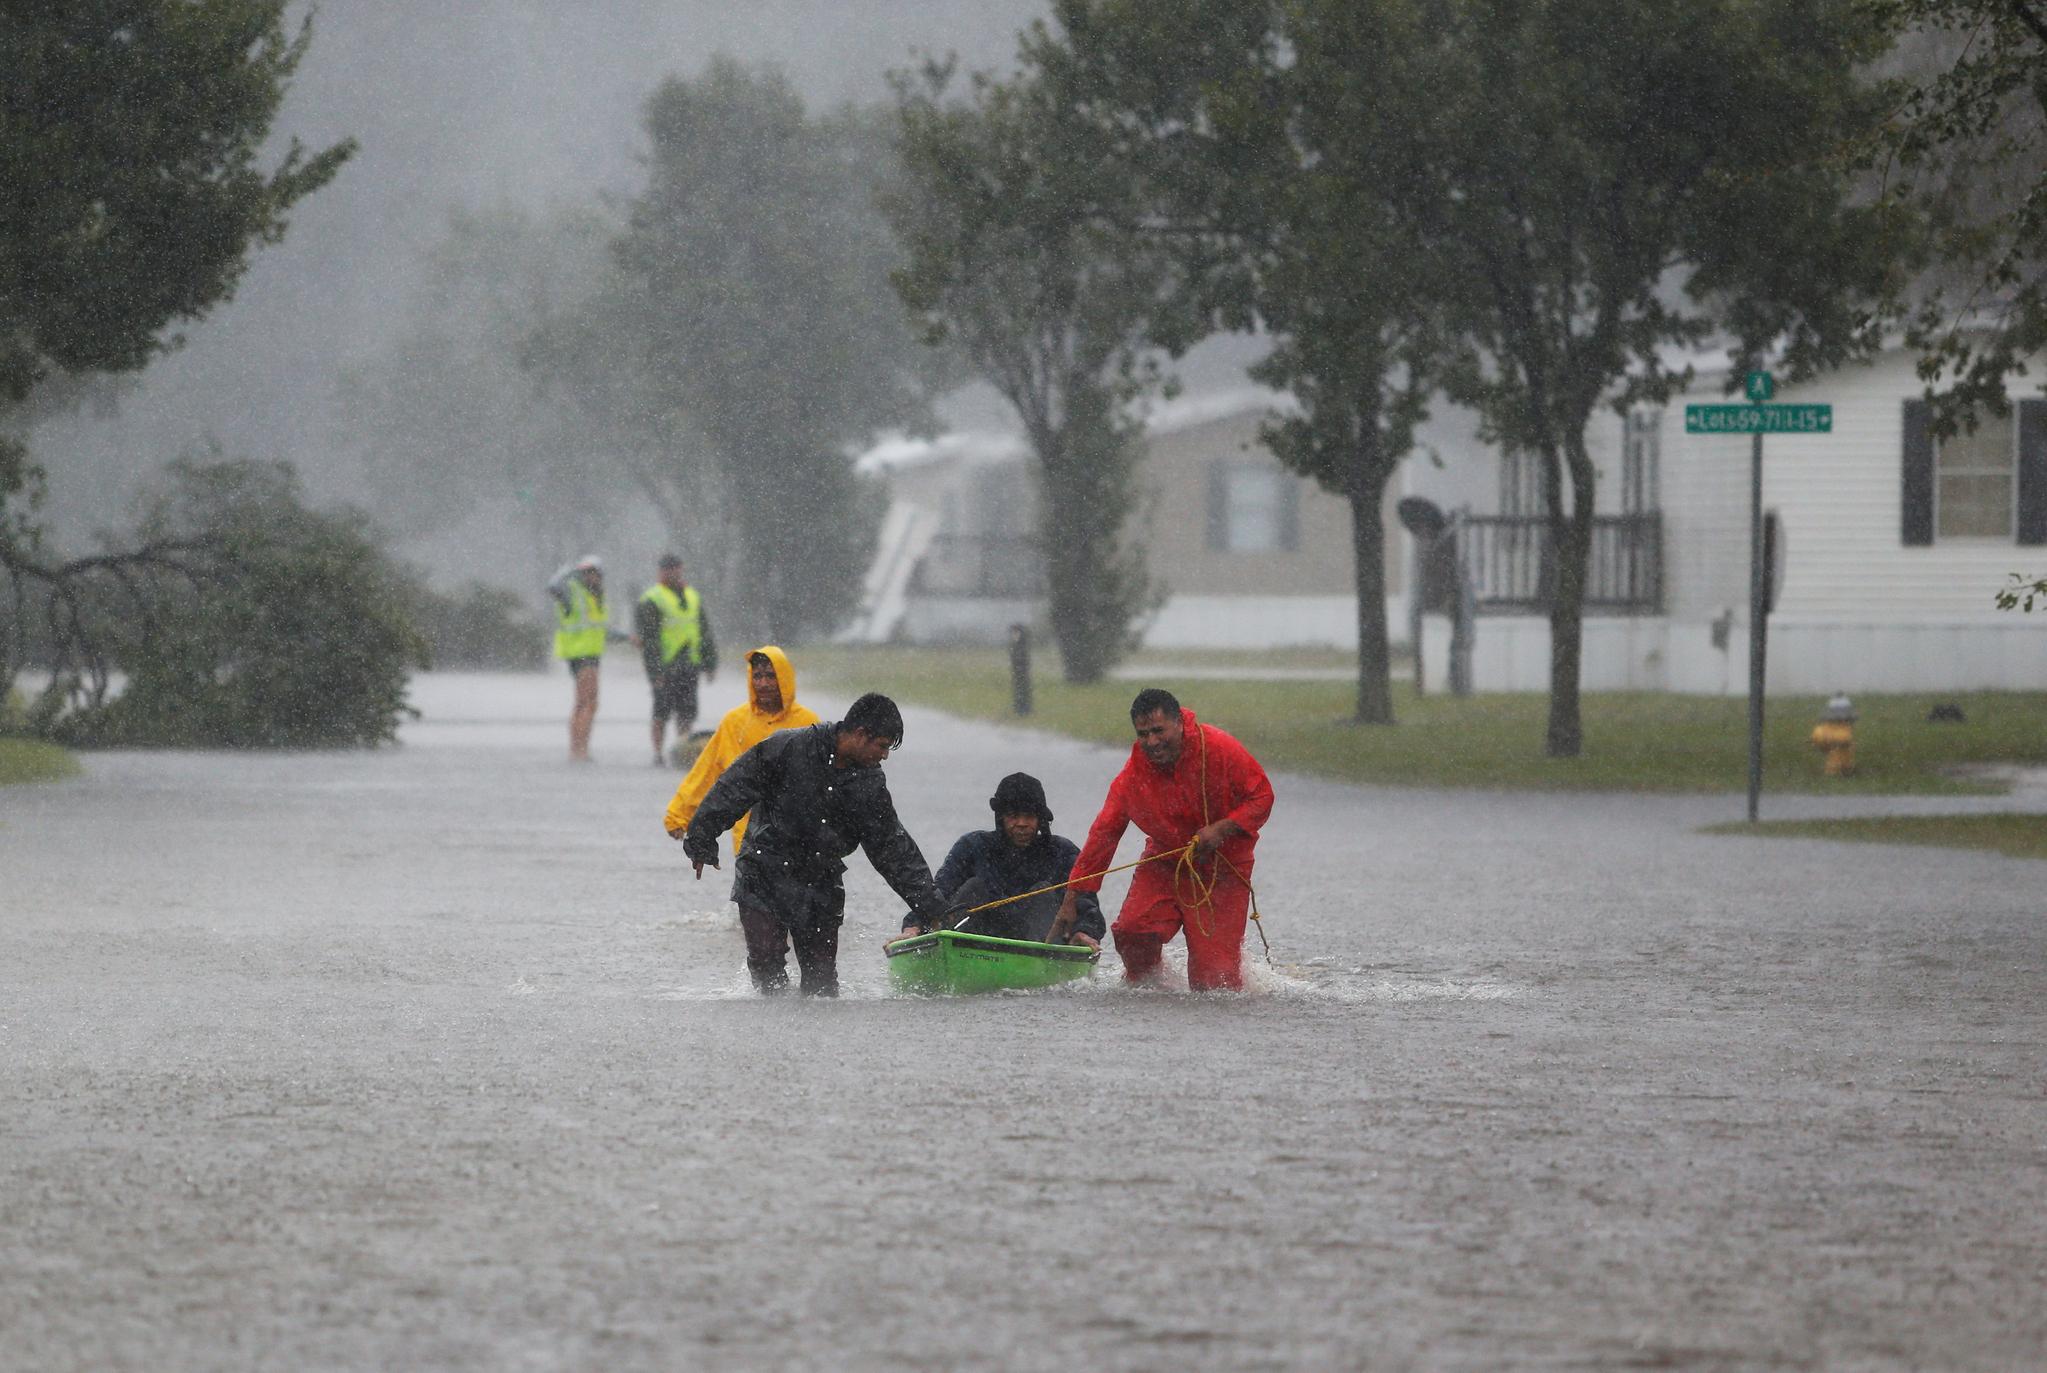 노스캐롤라이나 럼버턴에 폭우가 쏟아지는 가운데 마을 주민들이 노인을 안전한 곳으로 옮기고 있다. [REUTERS=연합뉴스]